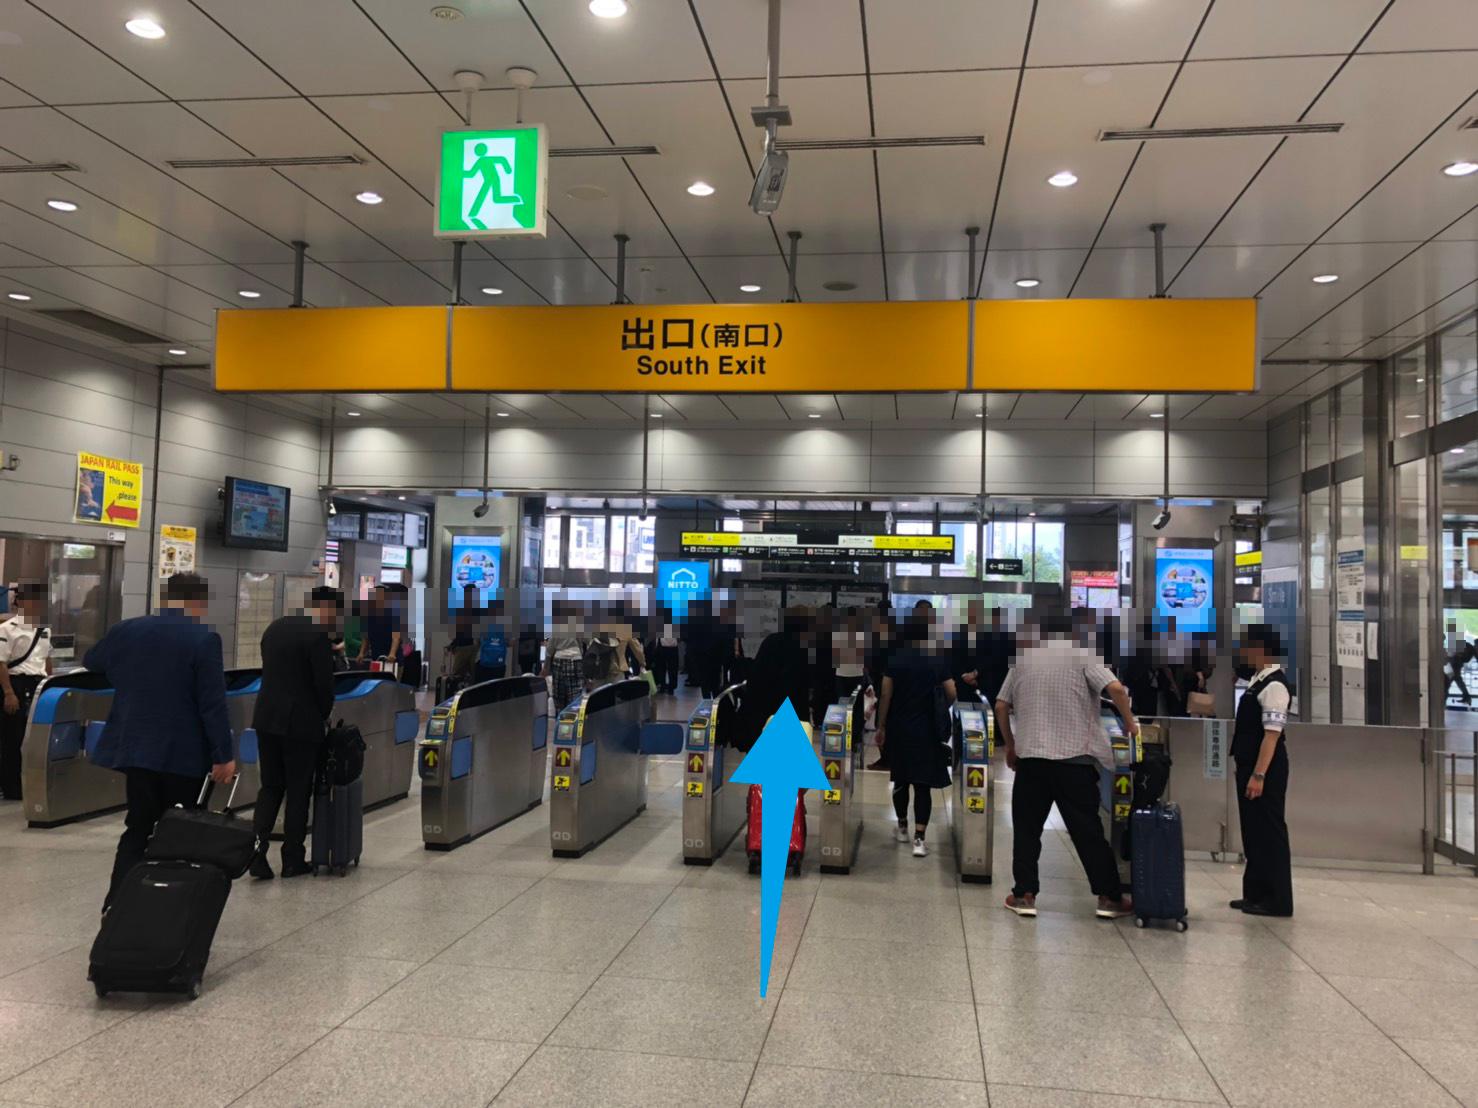 新幹線南口改札